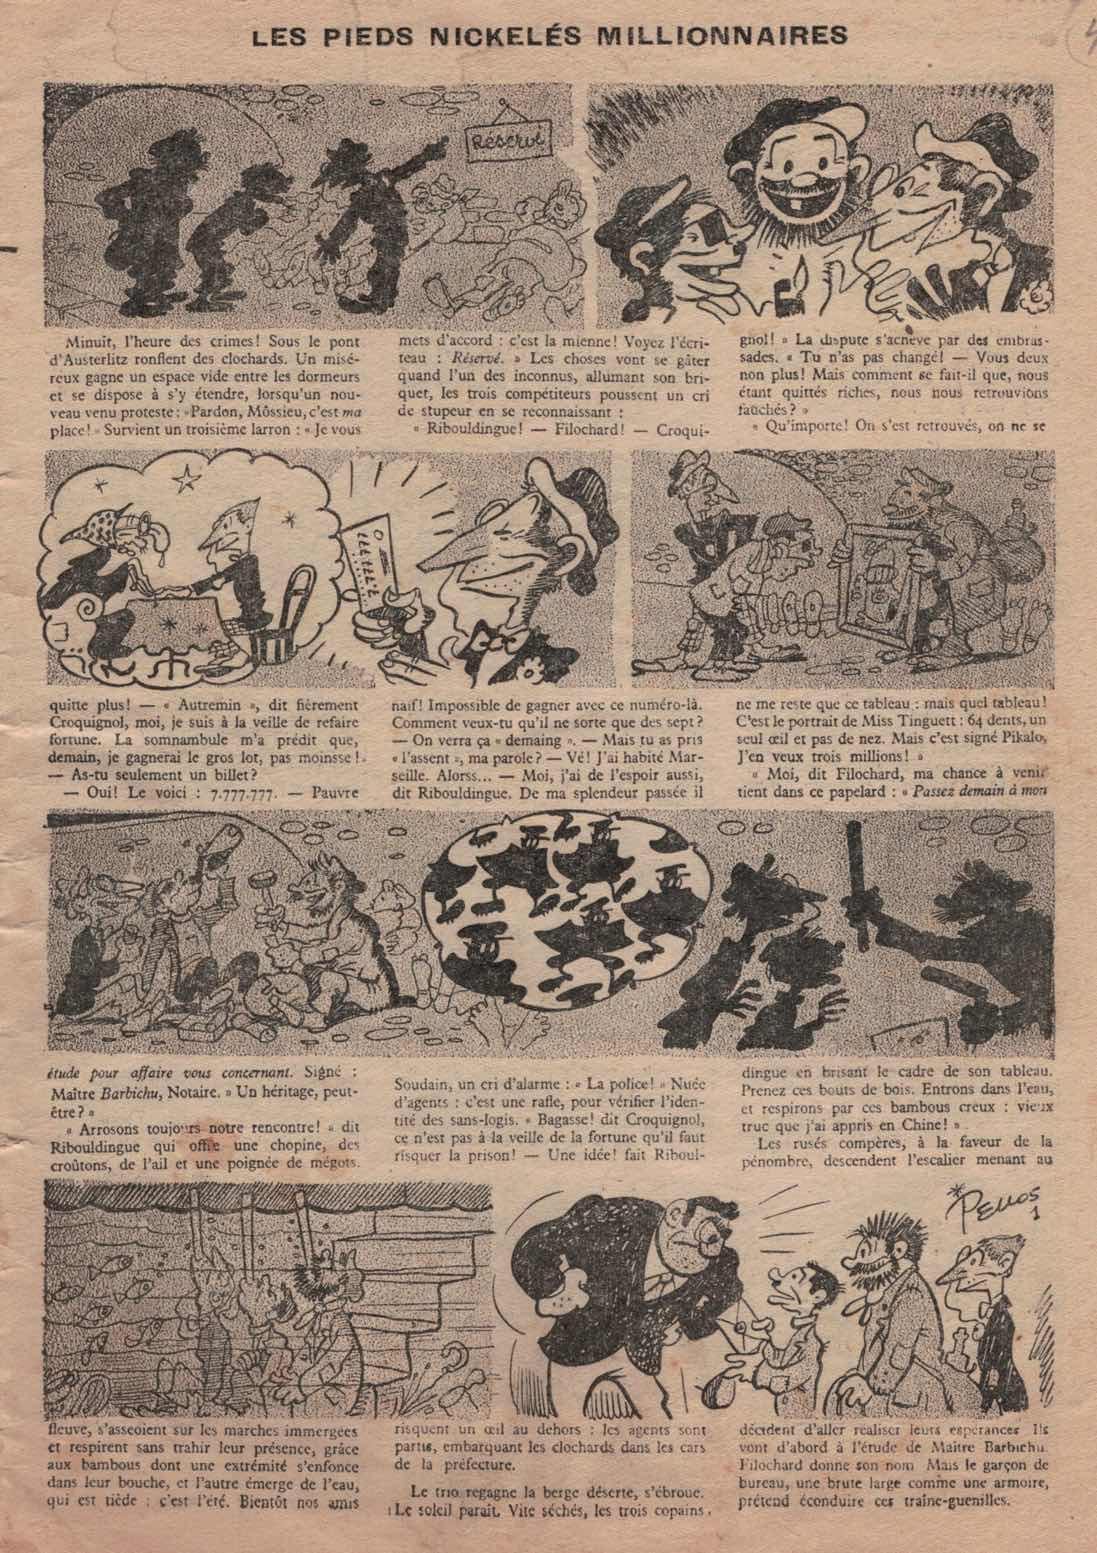 « Les Pieds nickelés » de Pellos dans le n° 1 du Journal des Pieds nickelés, en juillet 1948.